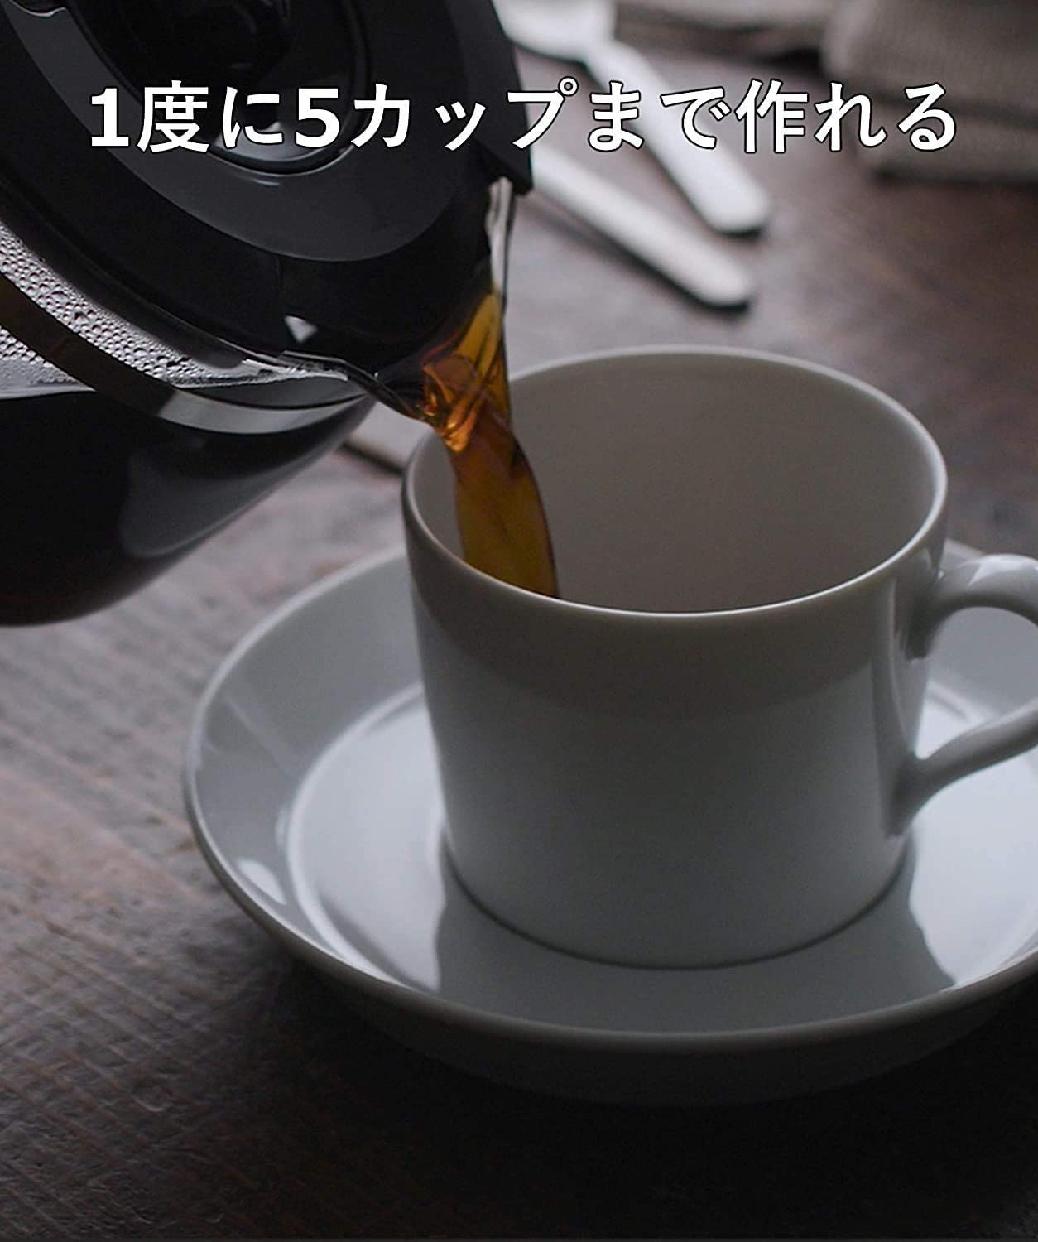 Panasonic(パナソニック)沸騰浄水コーヒーメーカー NC-A57の商品画像10